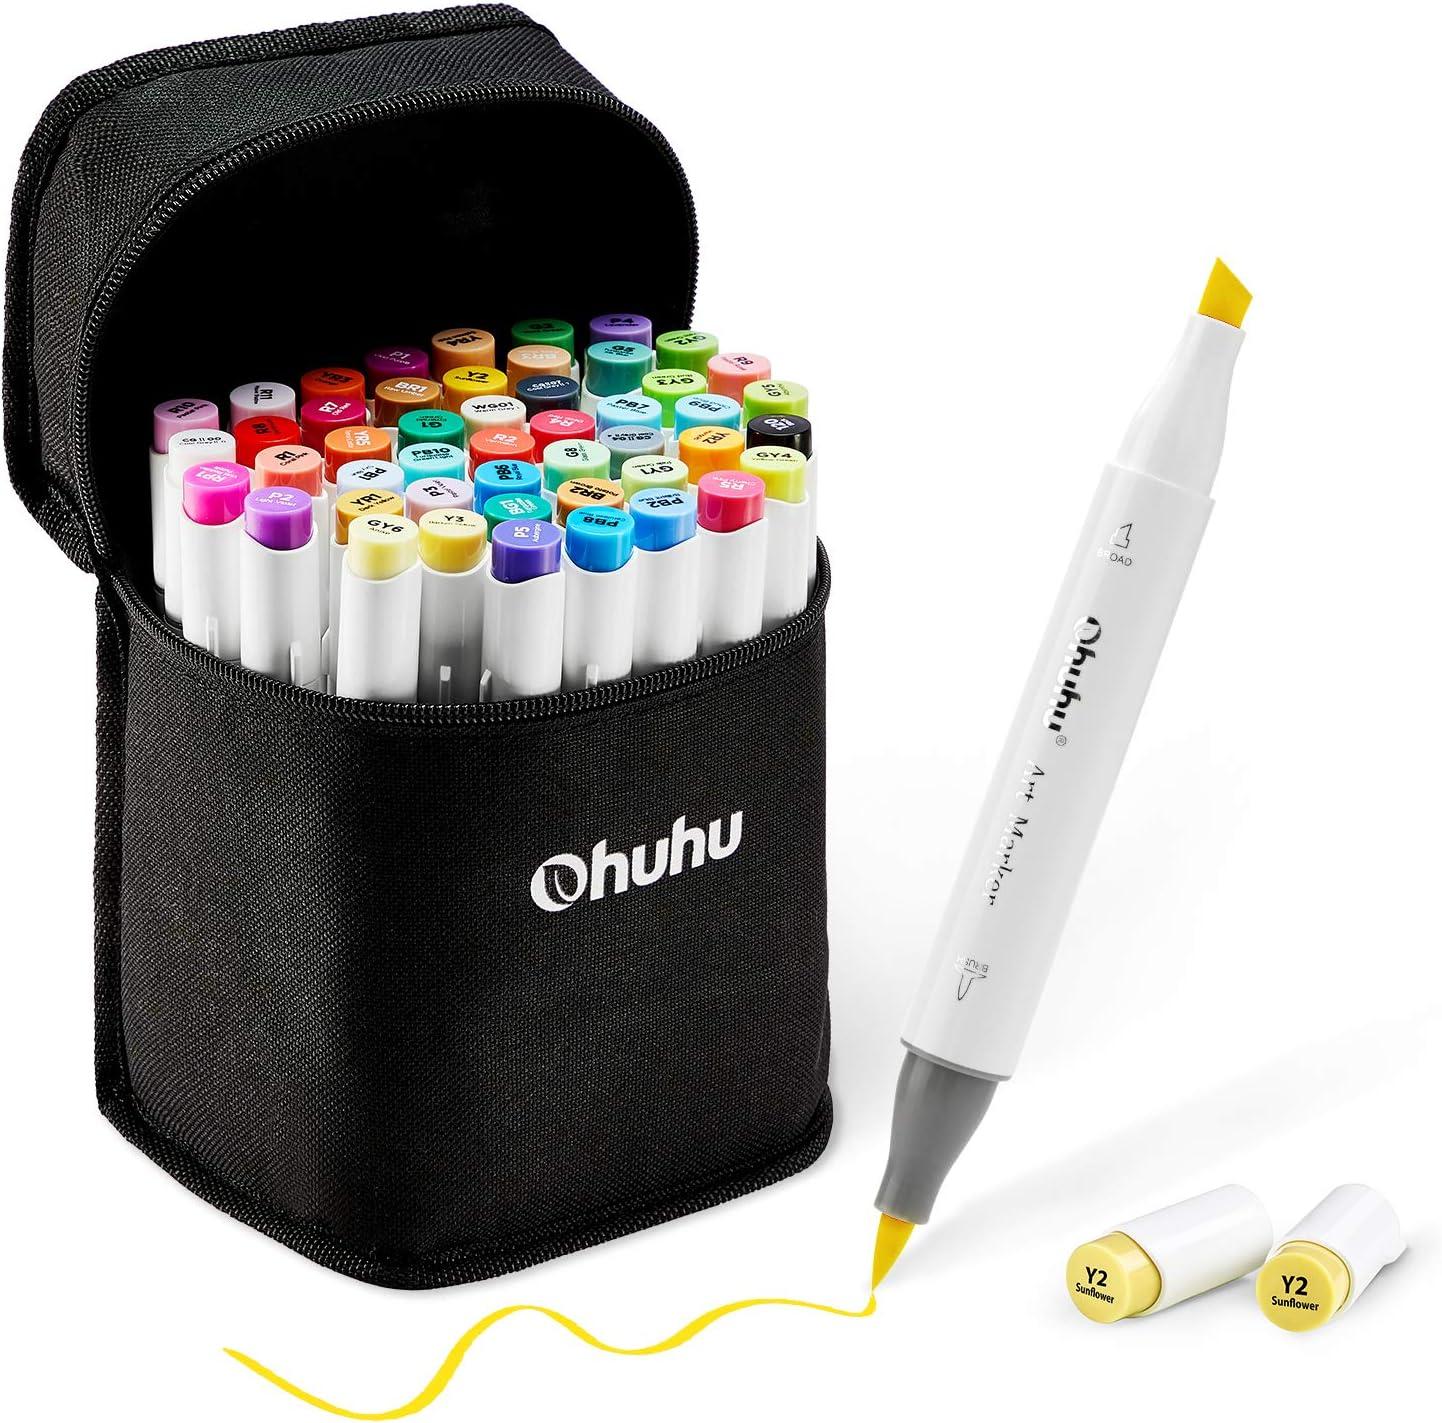 Juego de 48 rotuladores de colores para arte, punta doble, pincel y cincel para niños, artista, estudiantes, rotuladores para bocetos, colorear para adultos, caligrafía